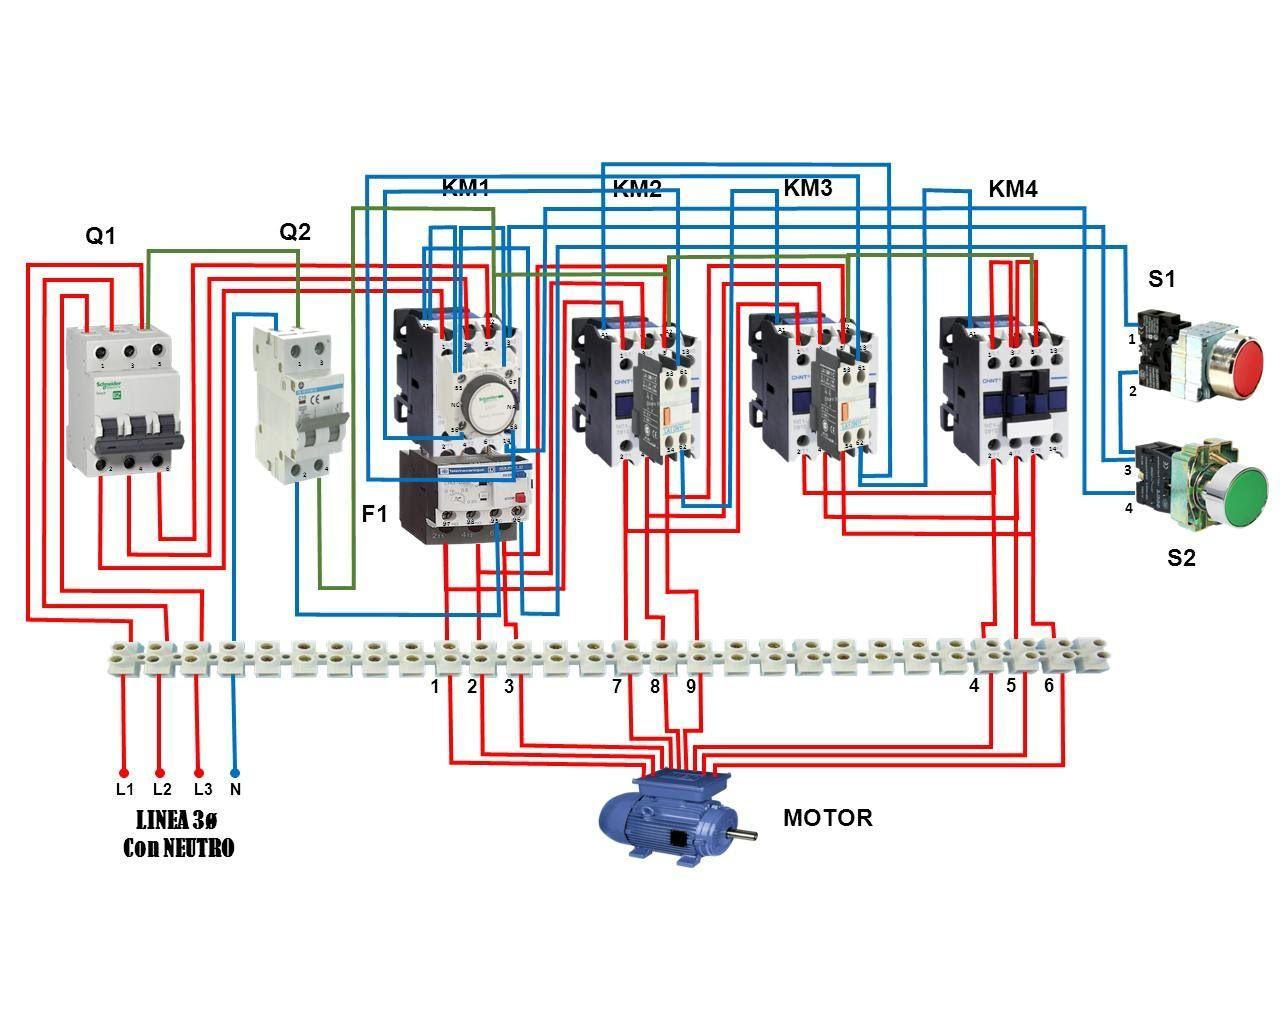 Schema Elettrico Hm : Circuito estrella doble estrella motores eléctricos pinterest